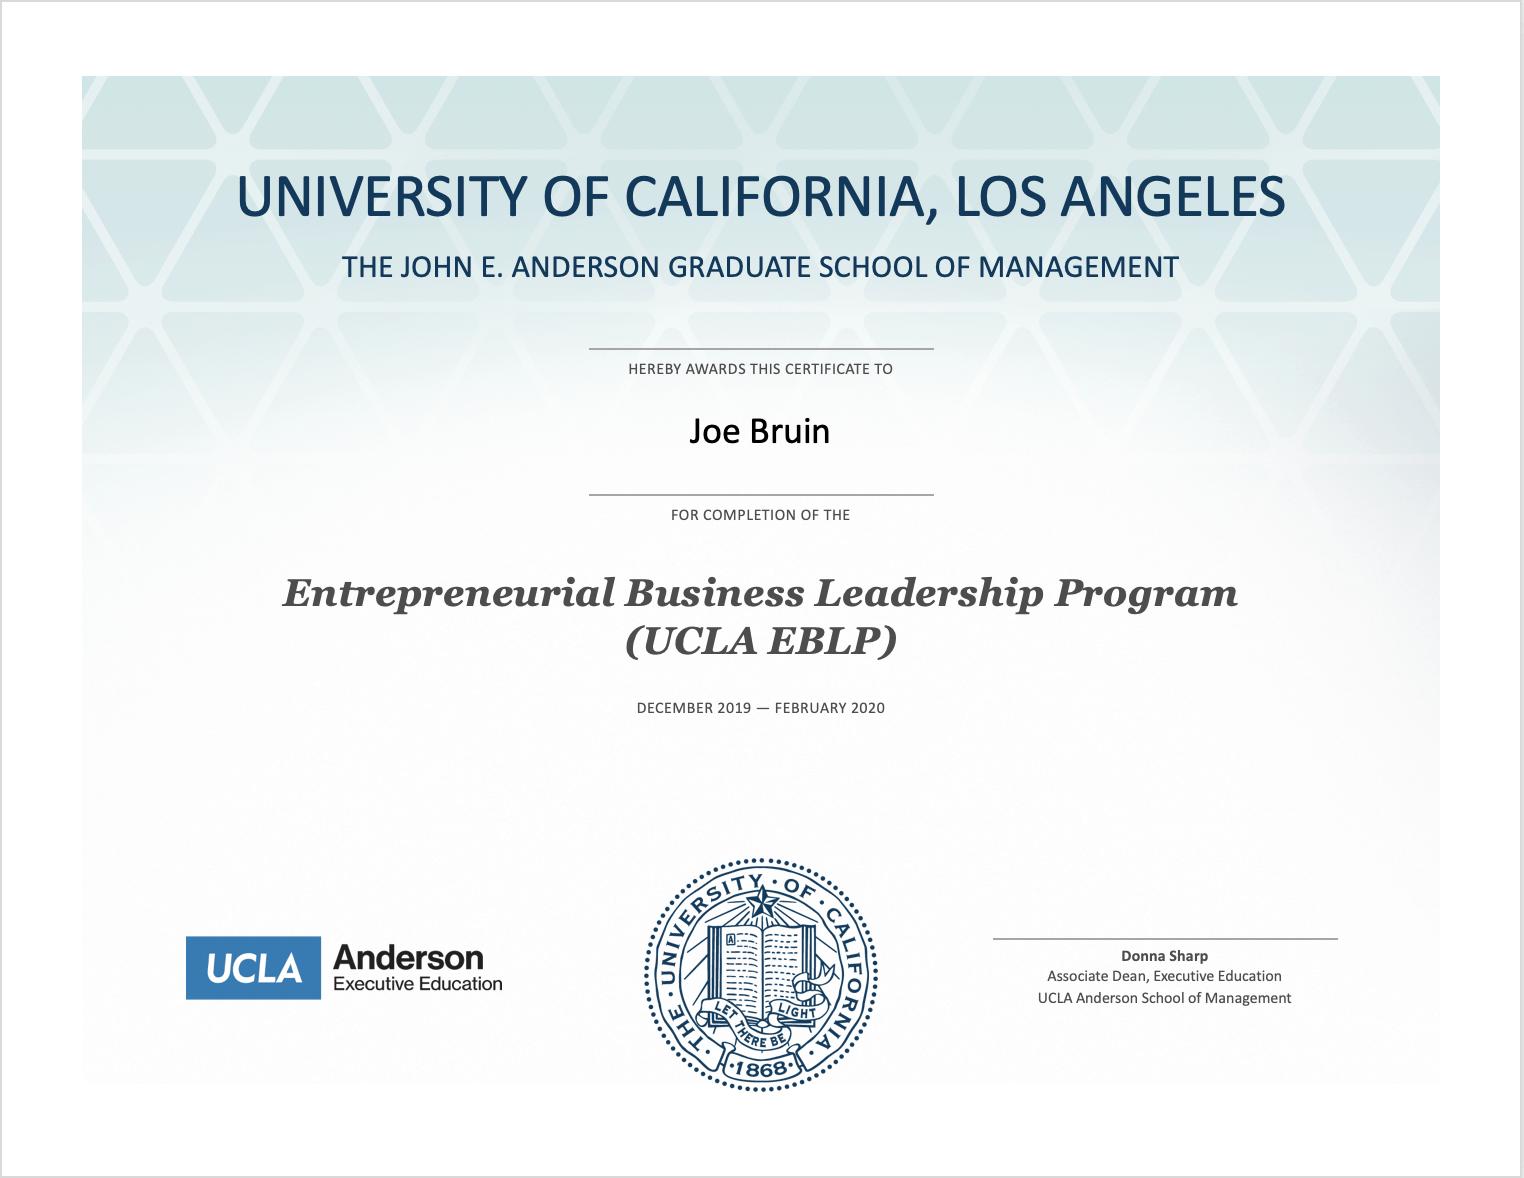 ucla eblp certificate